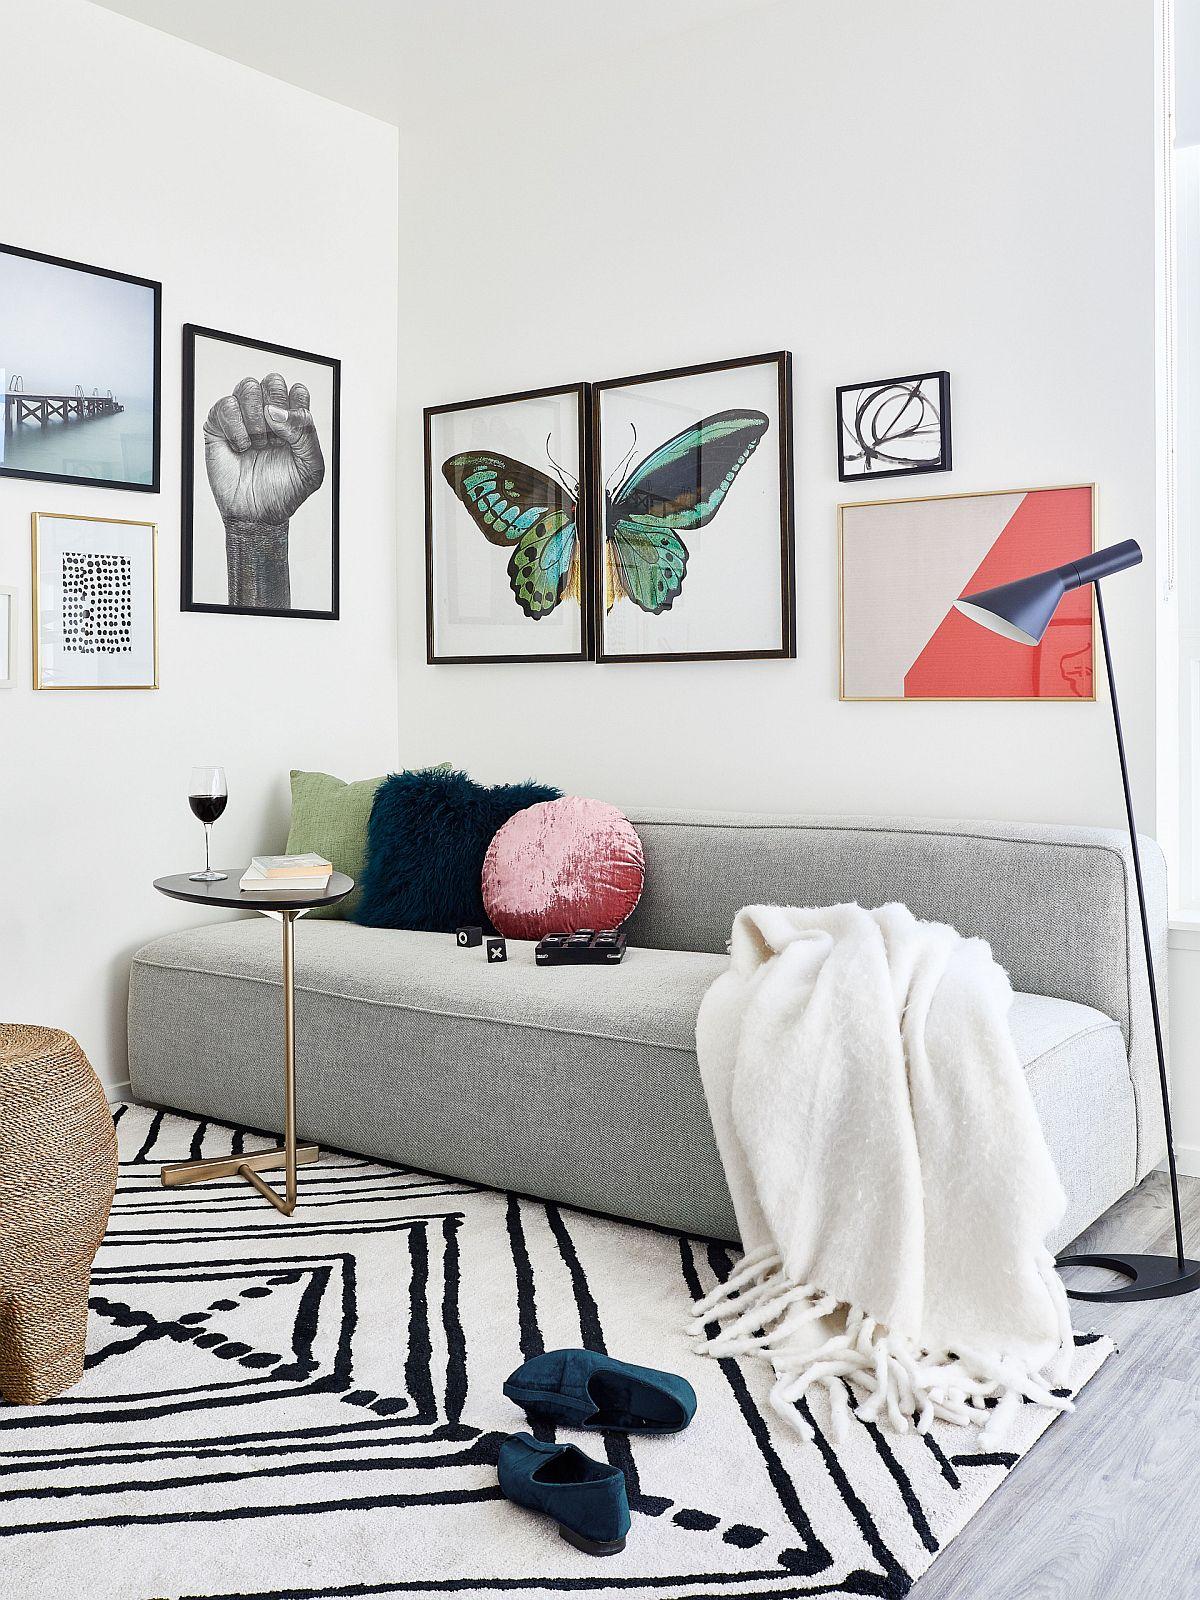 Phòng khách nhỏ xíu vẫn đẹp hoàn hảo nhờ kinh nghiệm lựa chọn sofa phù hợp - Ảnh 10.